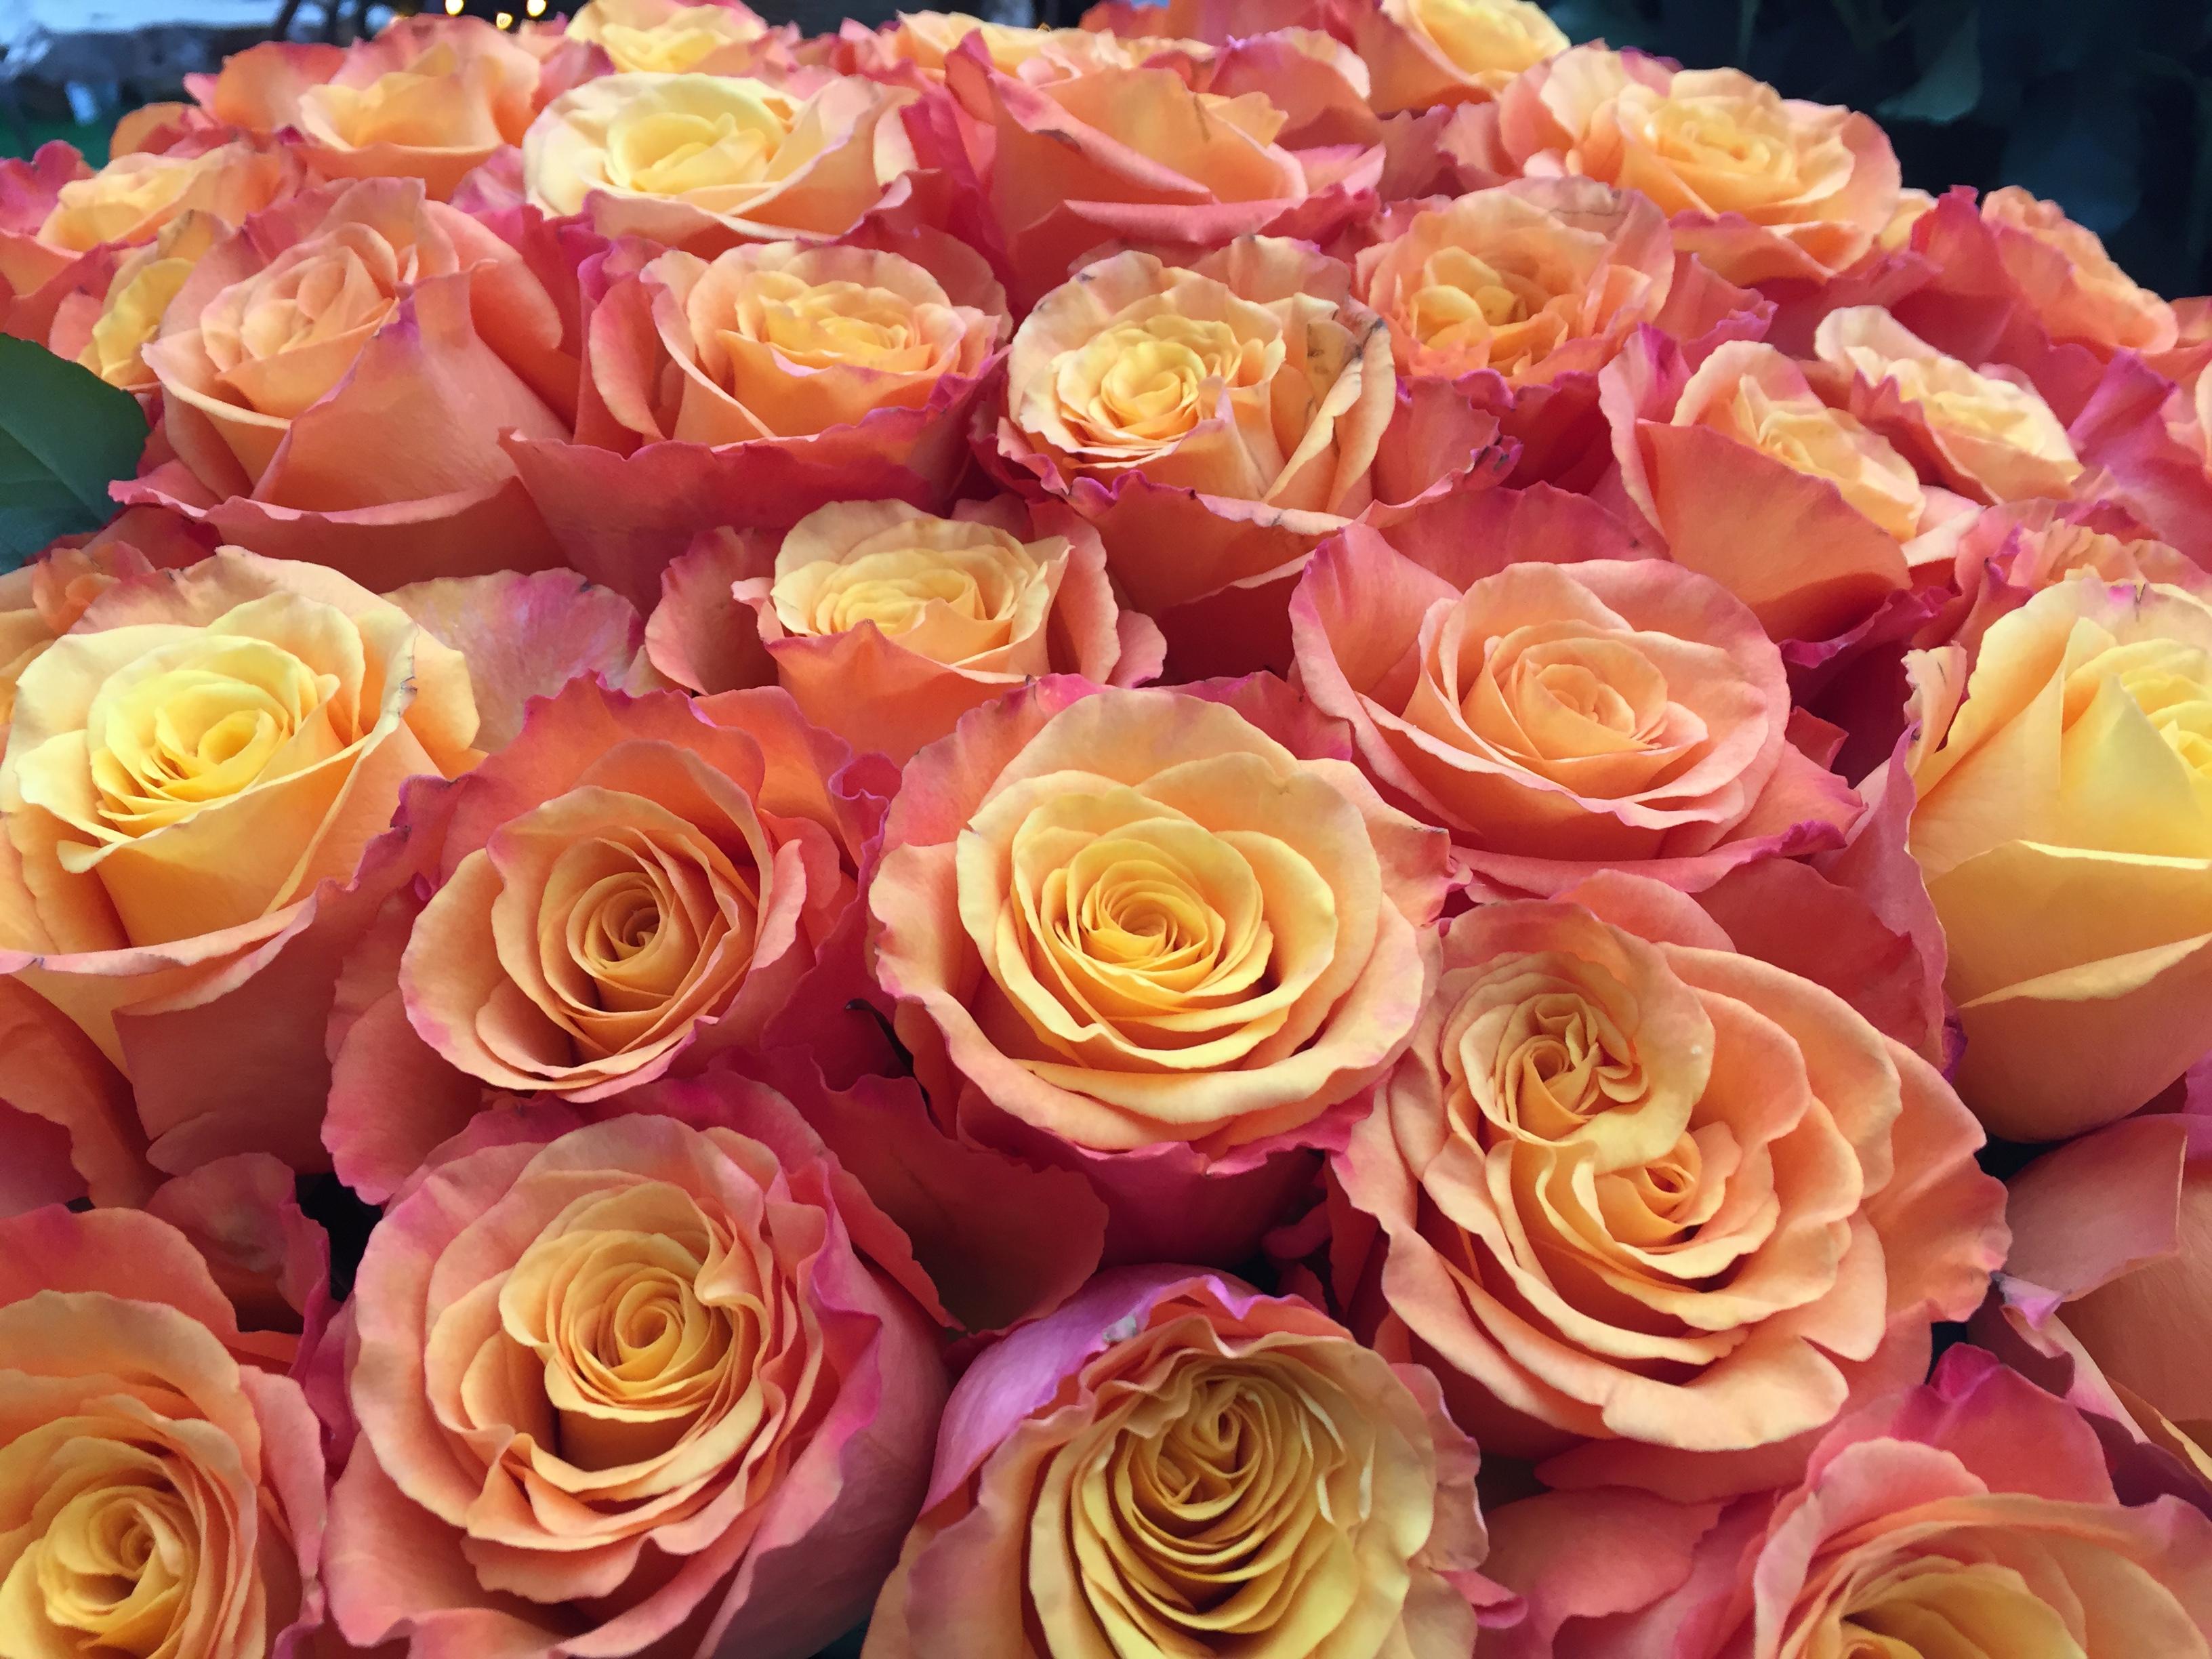 Mostra delle Rose - dal 29 aprile 2018 - Happyflor garden